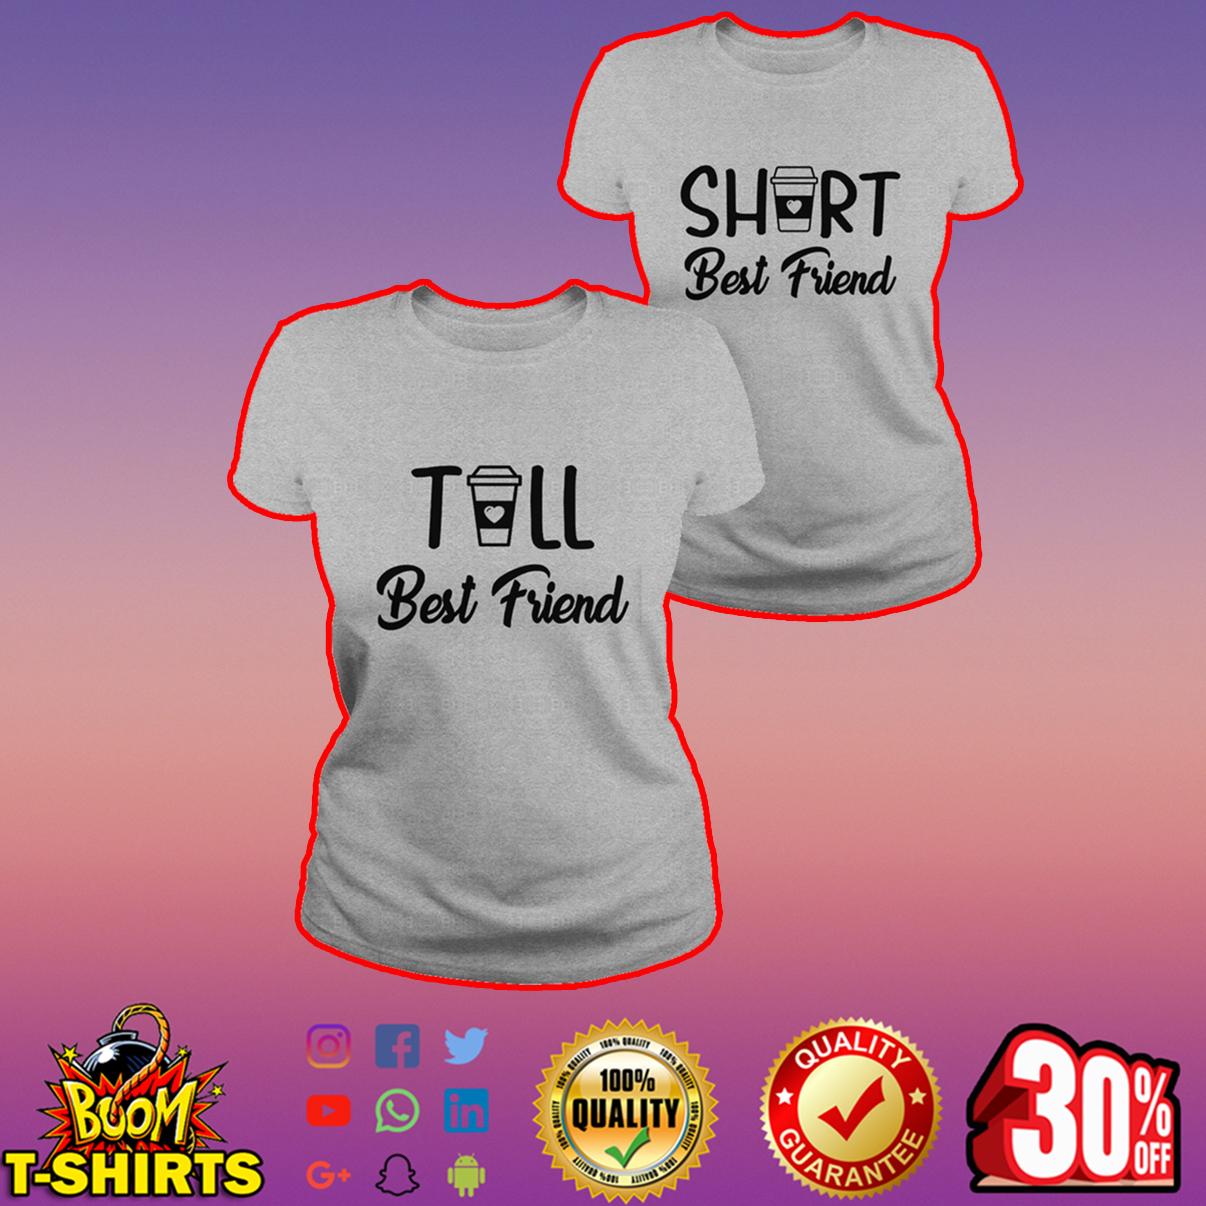 Tall and Short best friend shirt